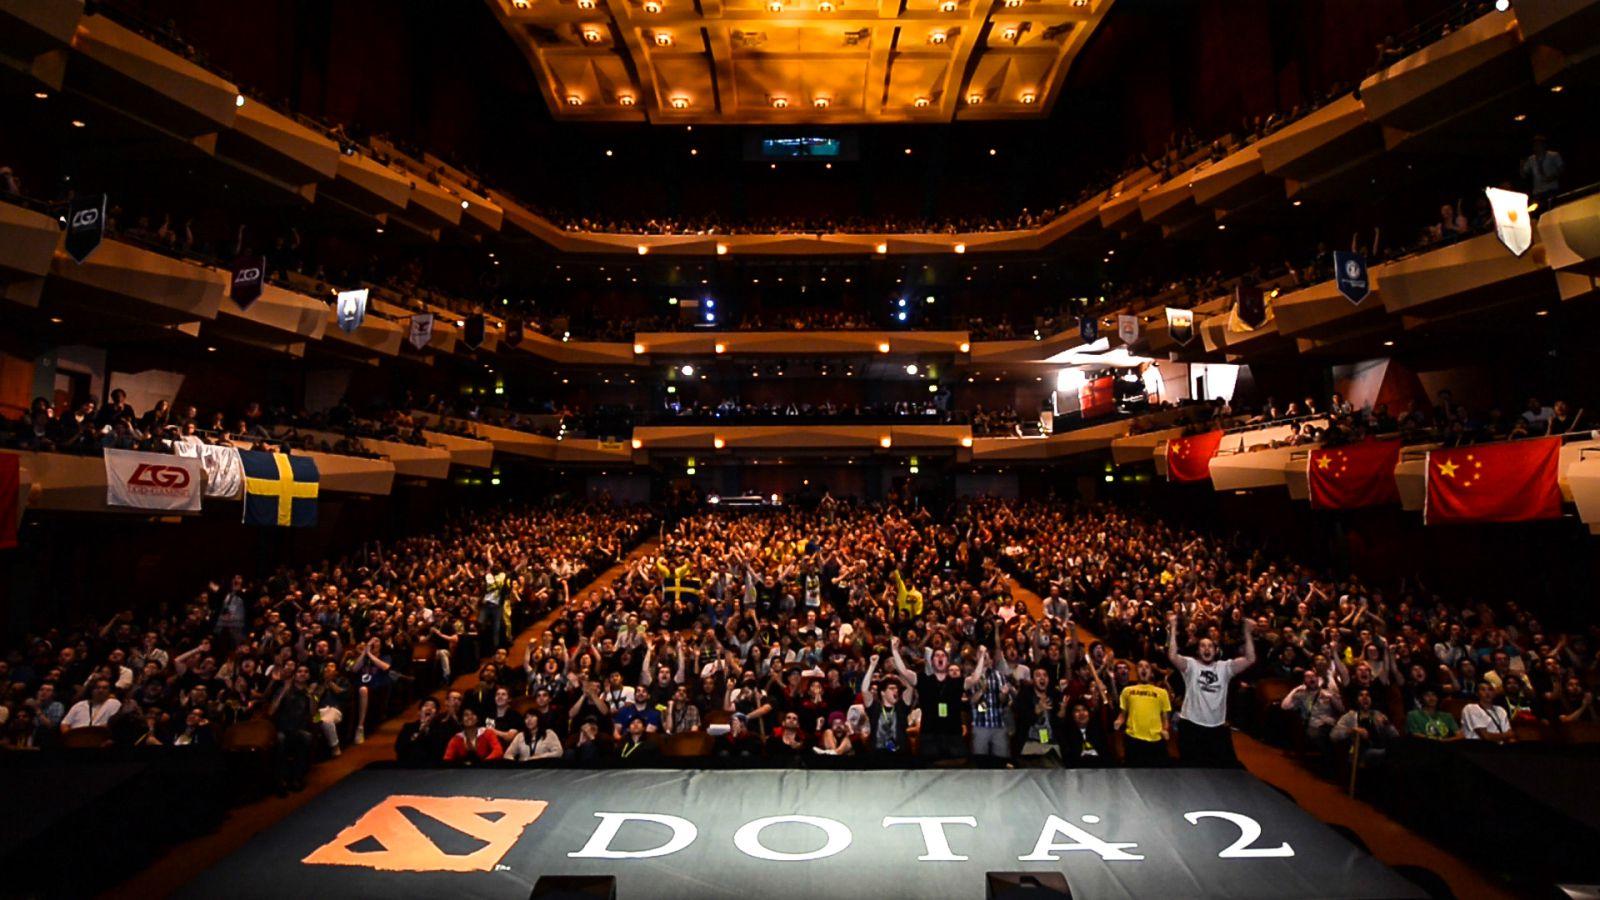 研发v围棋的围棋联机即时战略游戏dota2举办的全球性的电子竞技多人山东赛事五段王图片